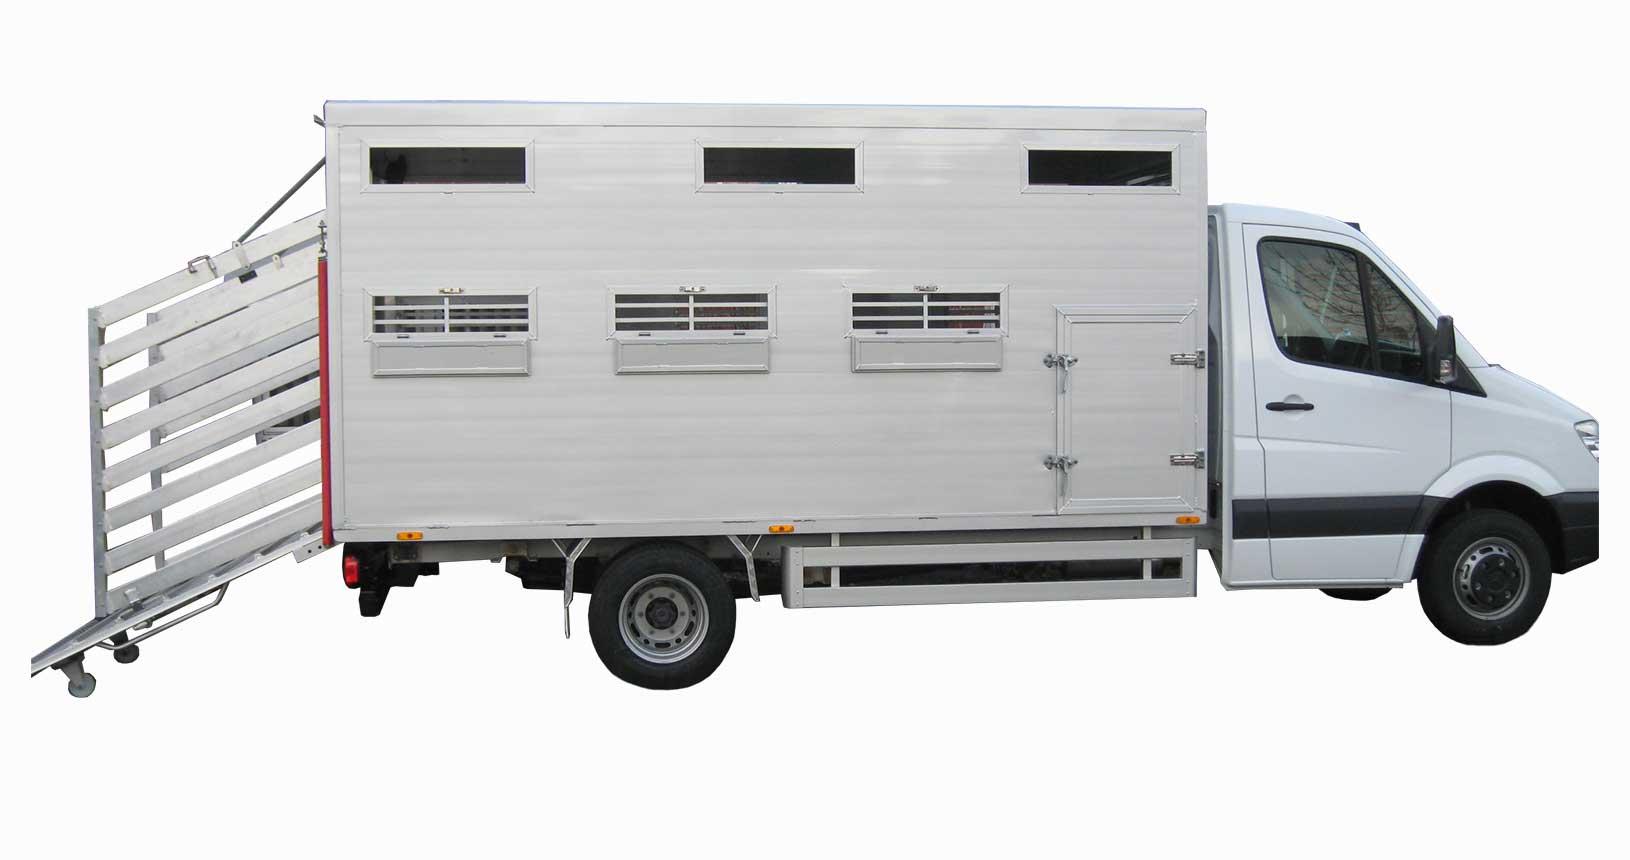 Viehtransporter LKW Multifunktional Rinder Schweine Schafe